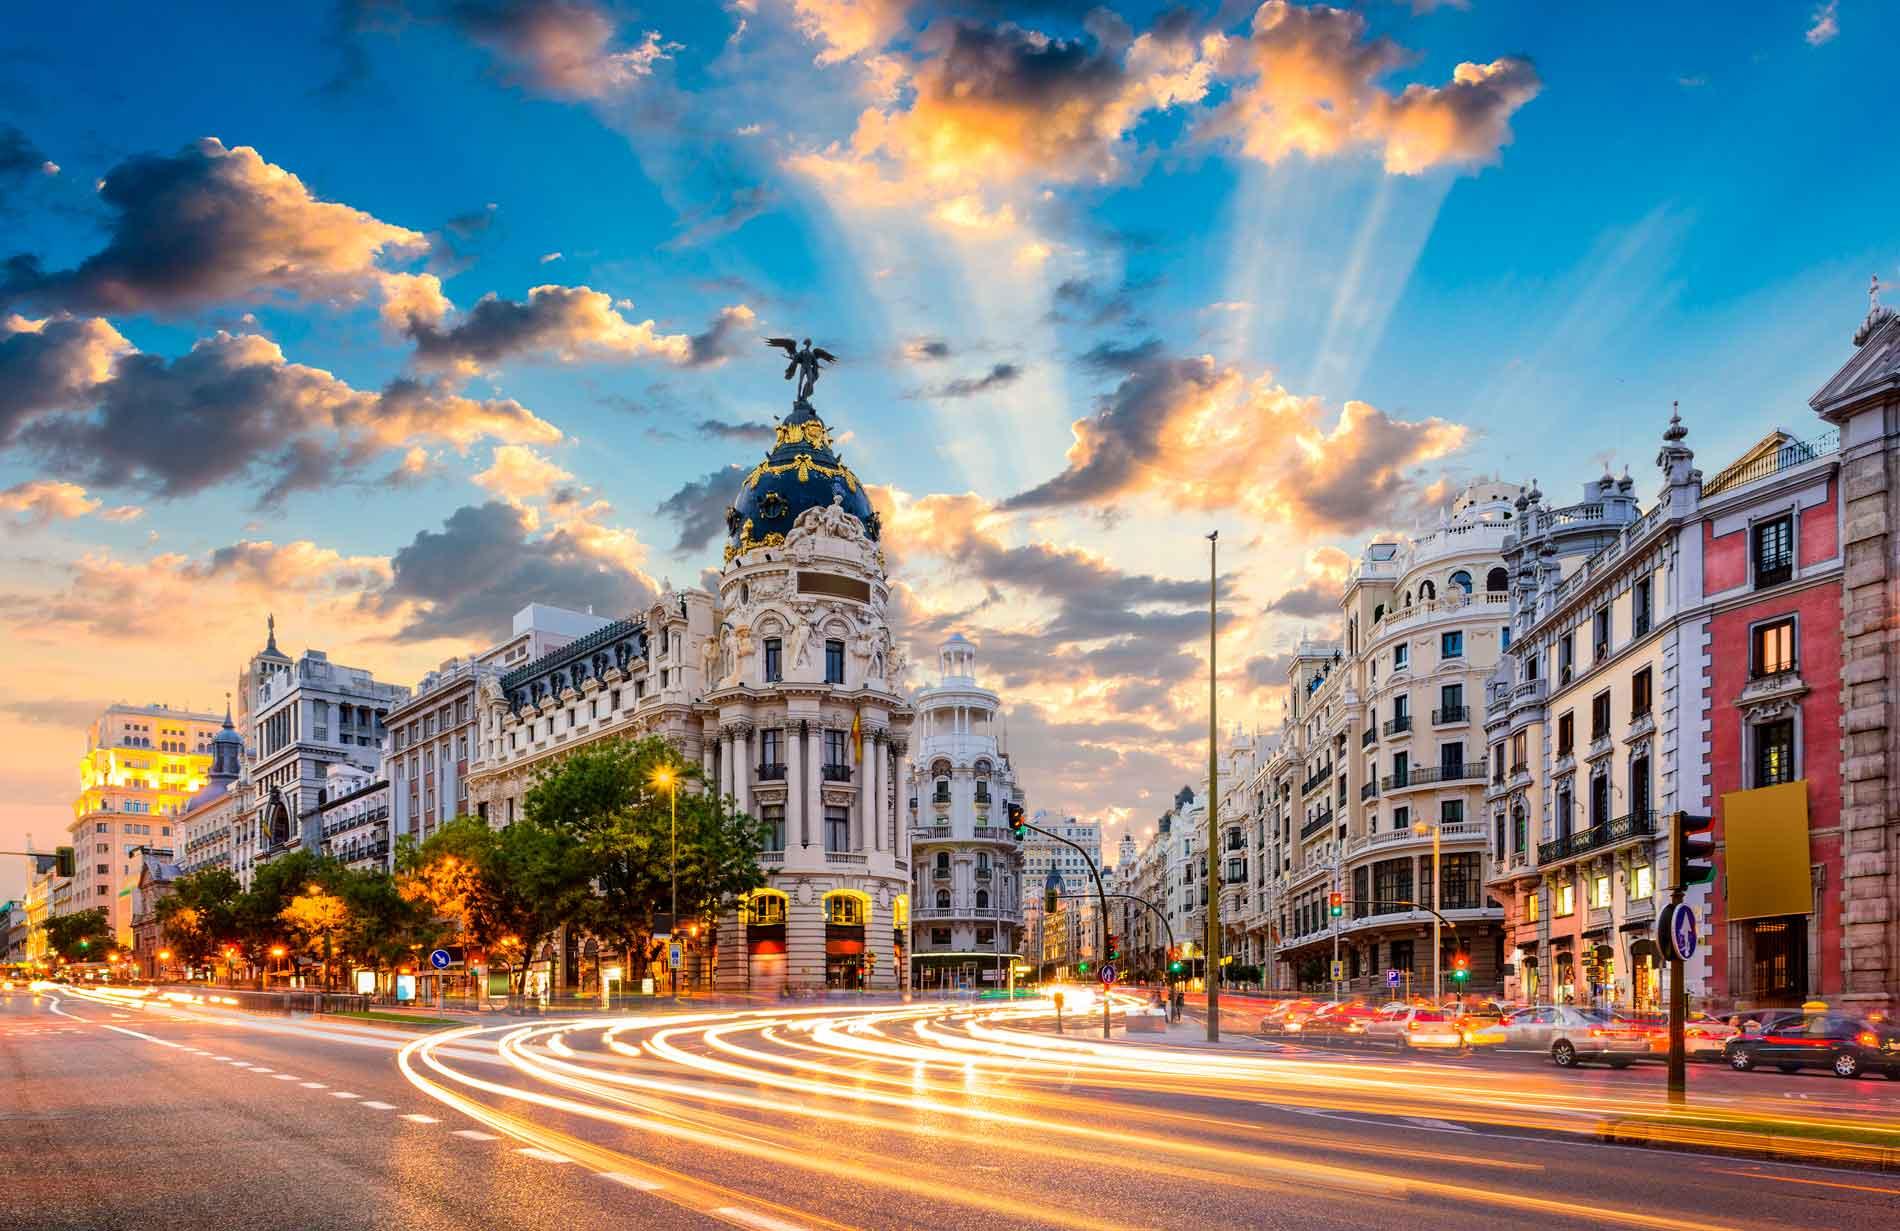 LẠC LỐI TẠI THỦ ĐÔ HÀO HOA MADRID